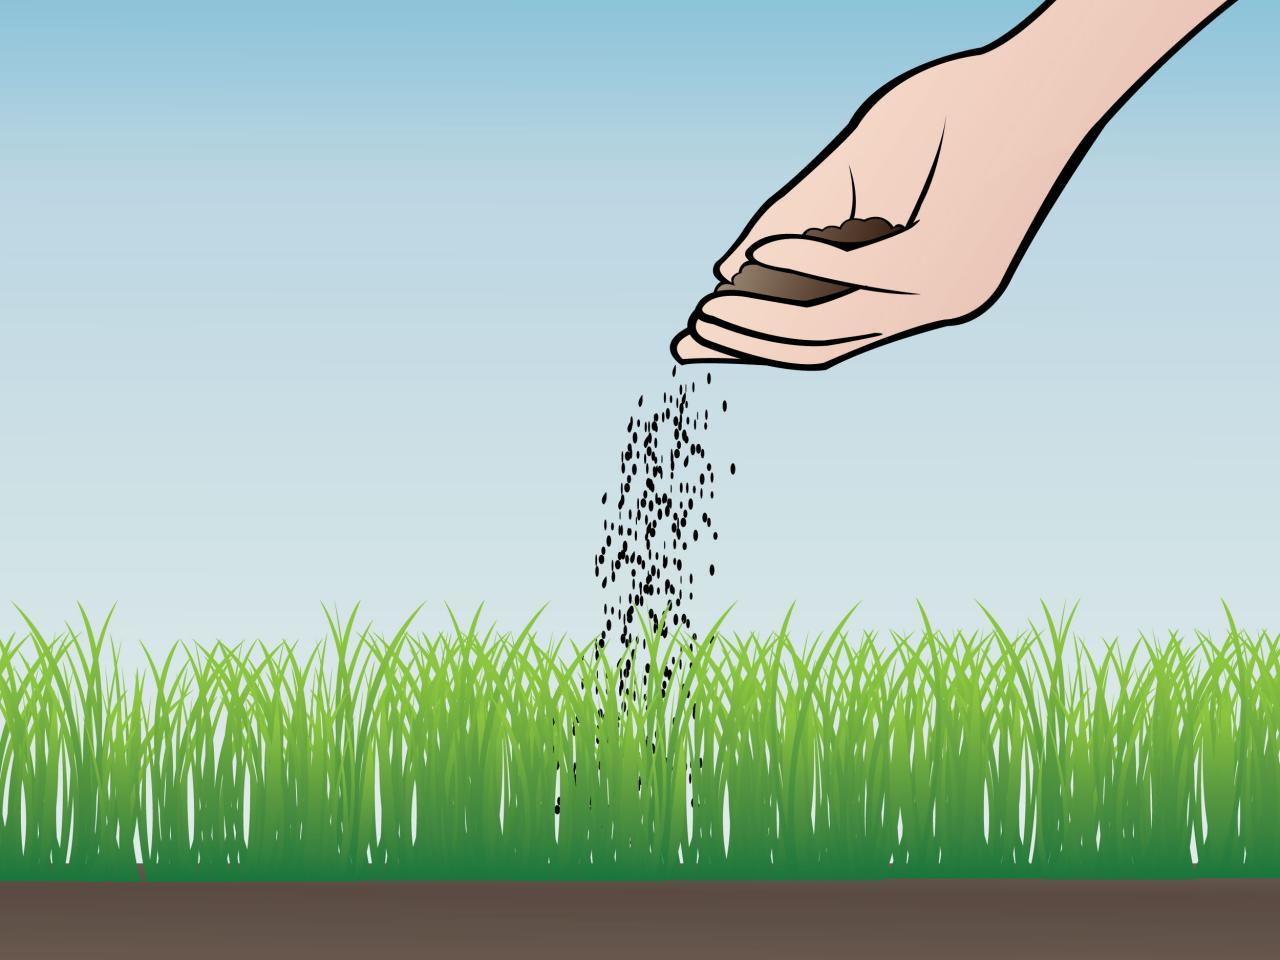 صورة انواع العشب الطبيعي , تعرف علي اهم انواع الاعشاب الطبيعيه المفيده